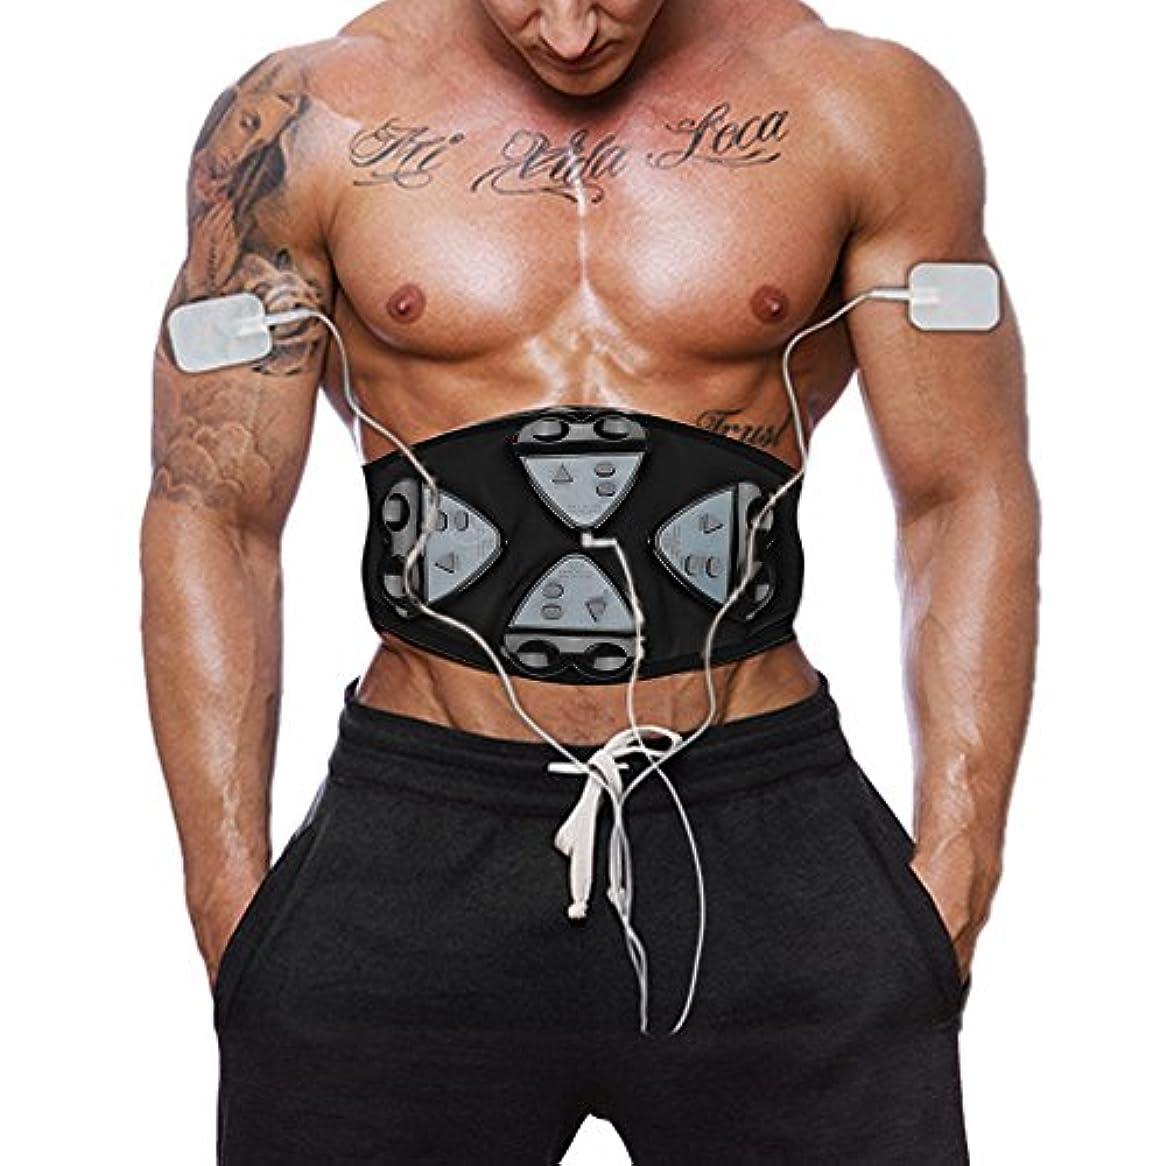 列挙するクラッチ理論腹筋ベルトEMS腹筋刺激筋力トレーニング筋力トレーニング腹部トレーニング4コントローラベルト